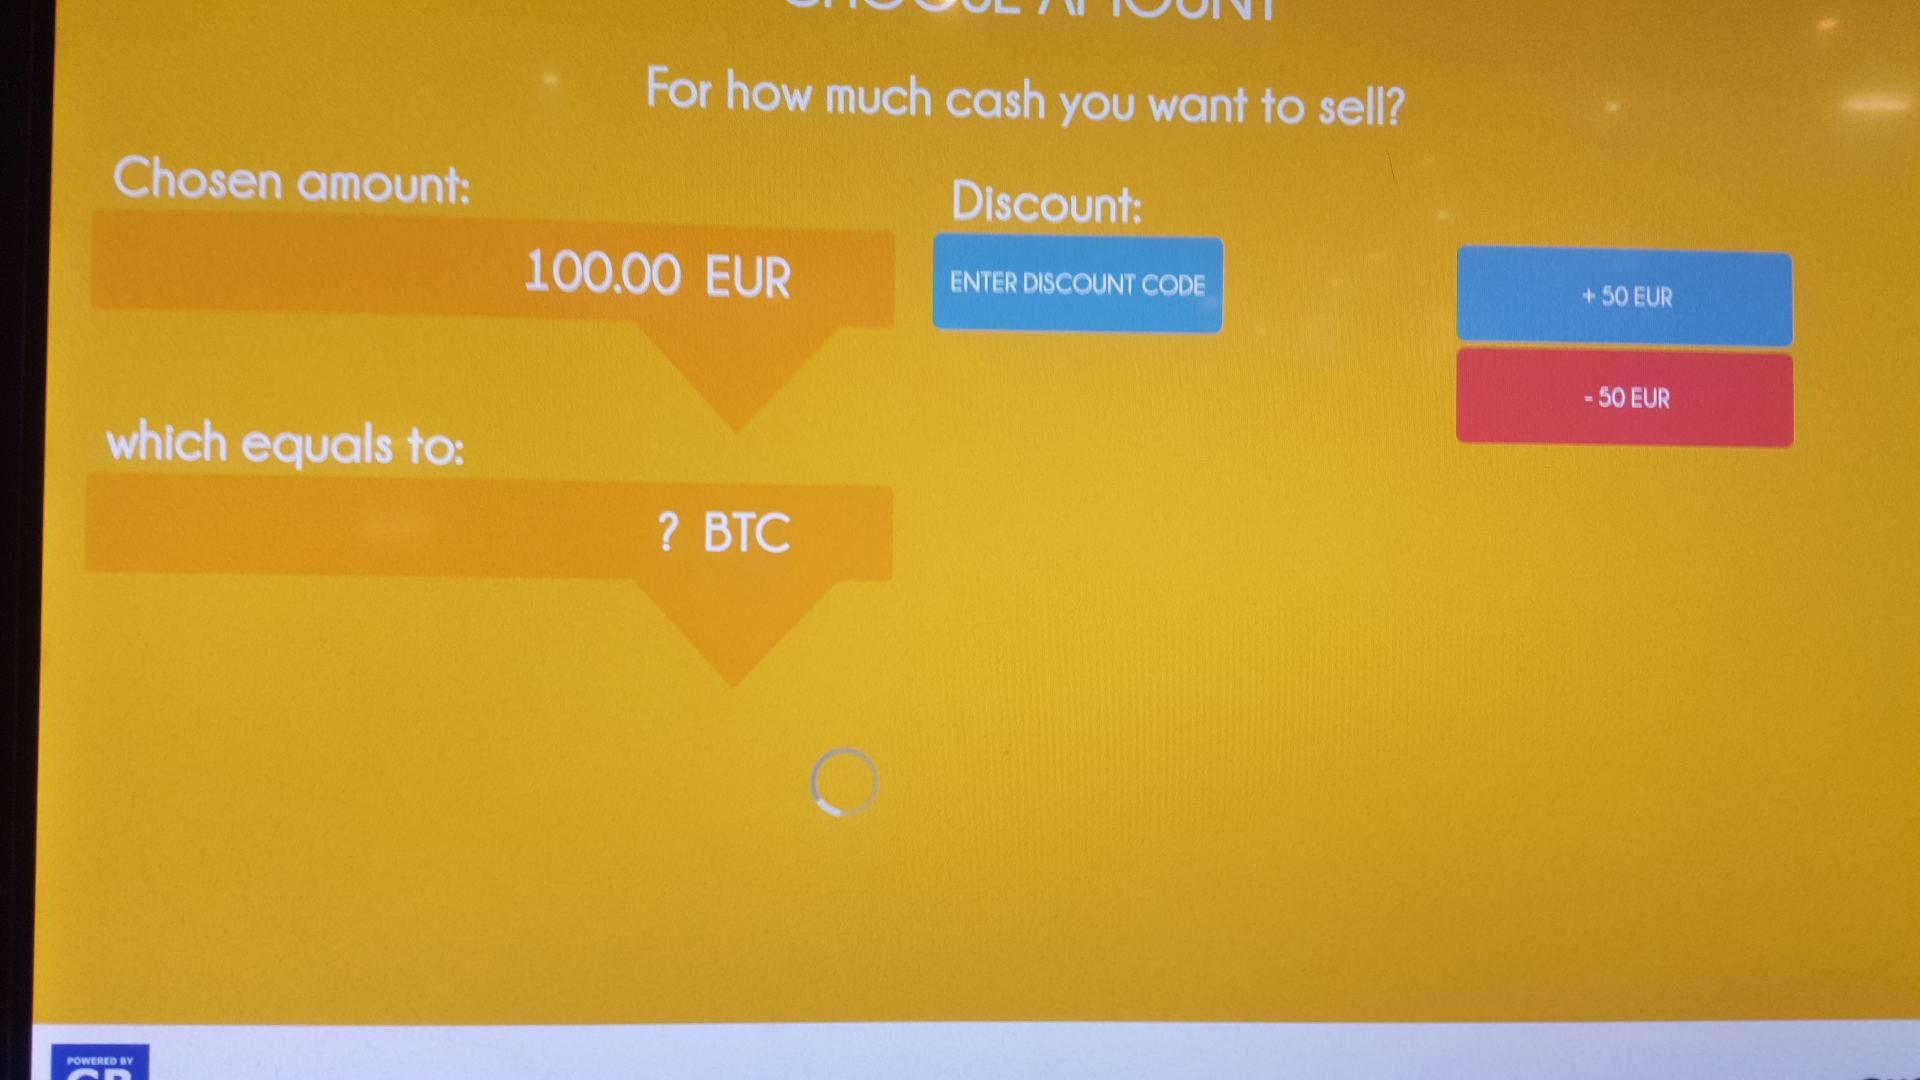 kaip išsigryninti bitkoiną kaip investuoti pinigus ir uždirbti